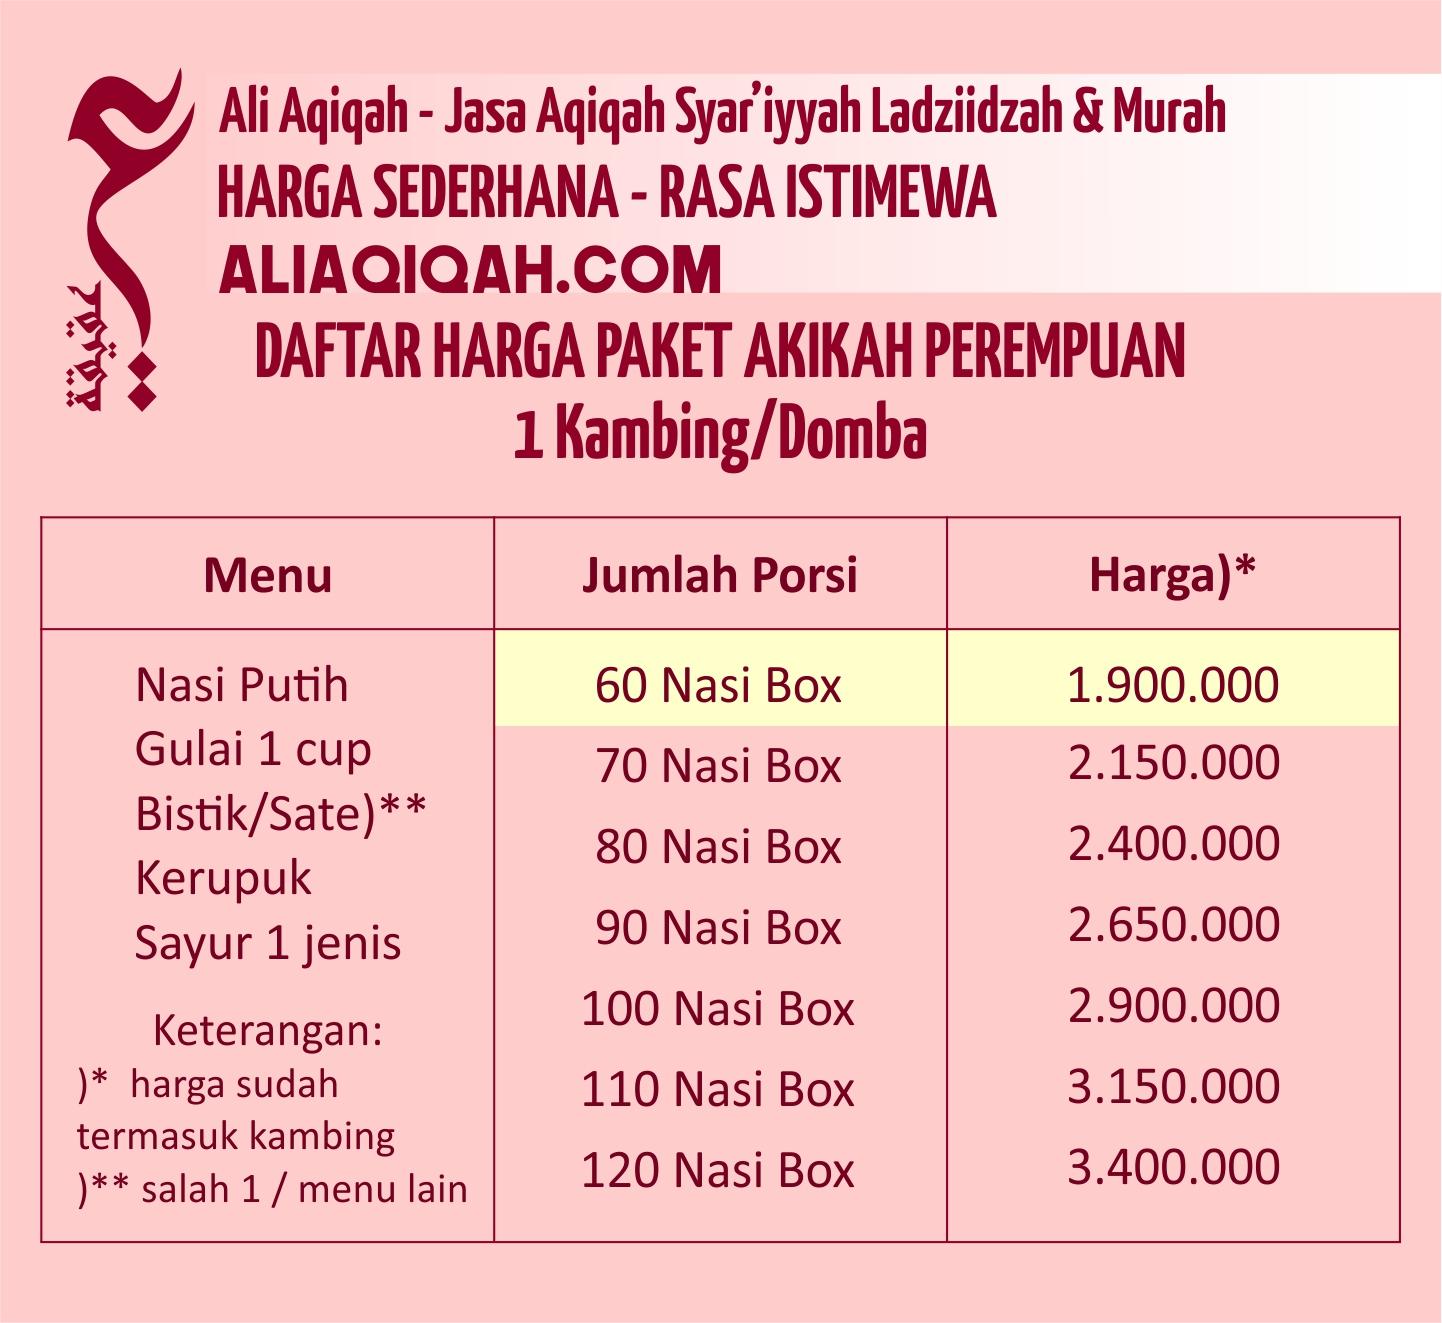 daftar harga paket jasa aqiqah ALIAQIQAH Tulungagung untuk perempuan